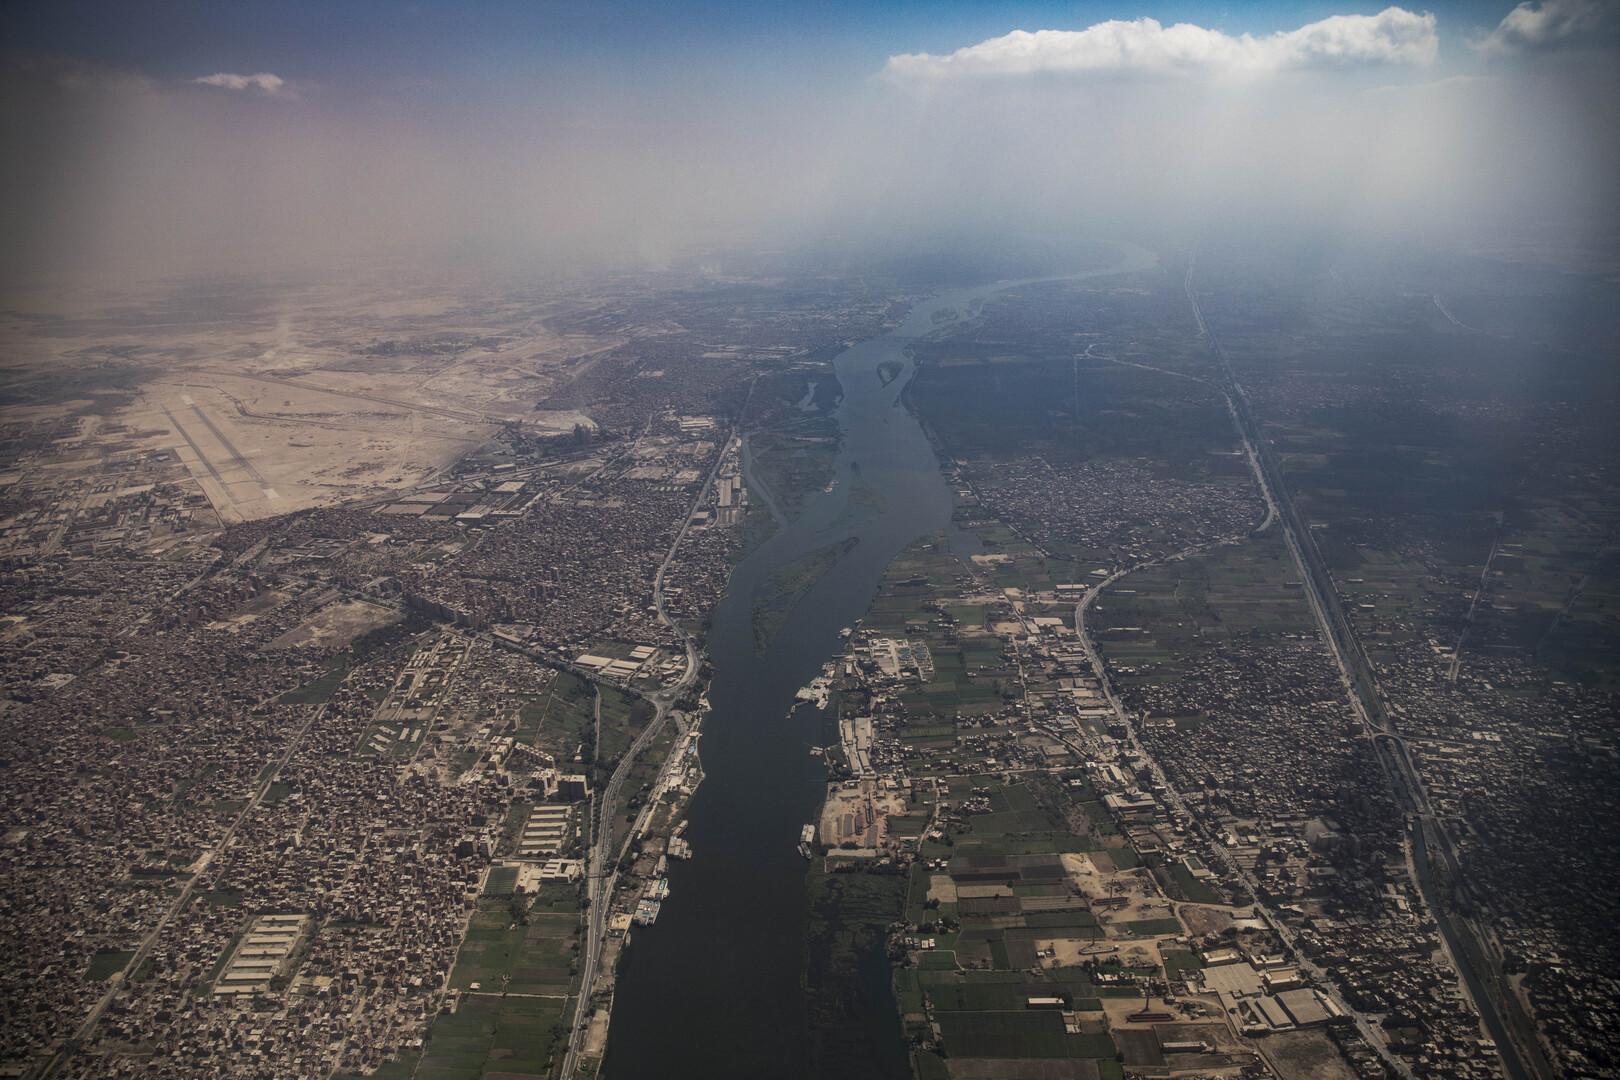 وزارة الري المصرية تكشف عدد الأنهار في إثيوبيا ونصيب الفرد مقارنة بمصر